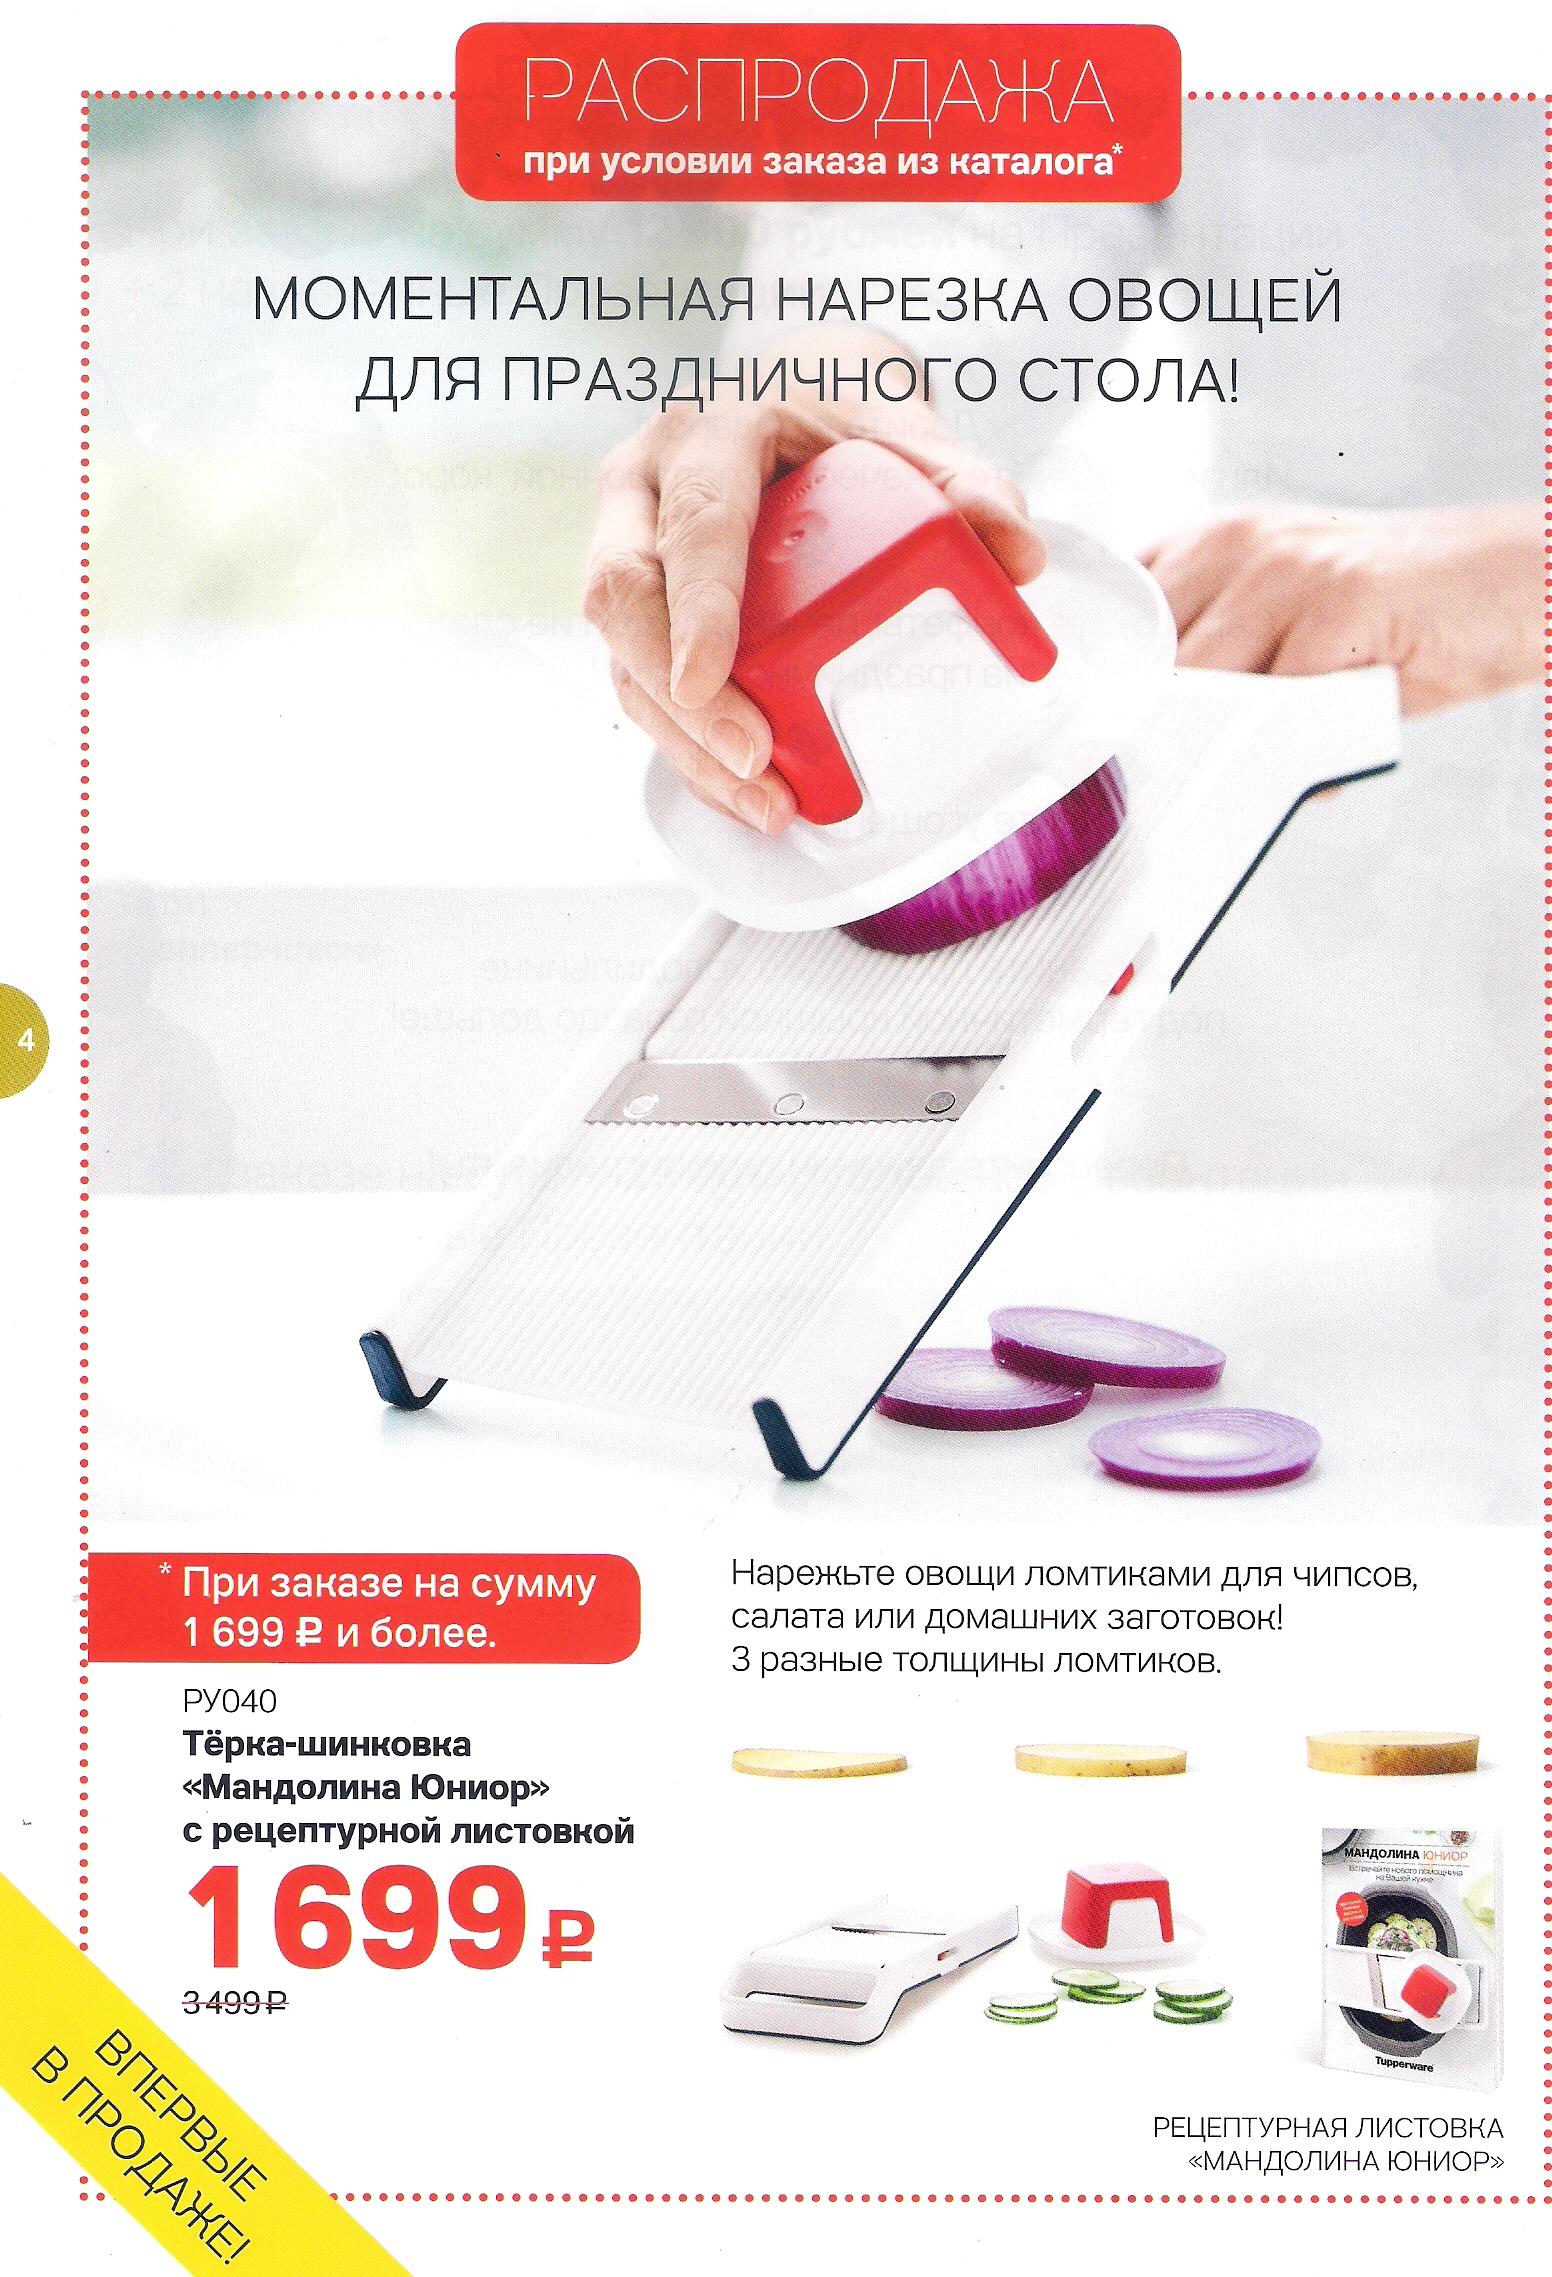 https://tupperware-online.ru/images/upload/3p.jpg